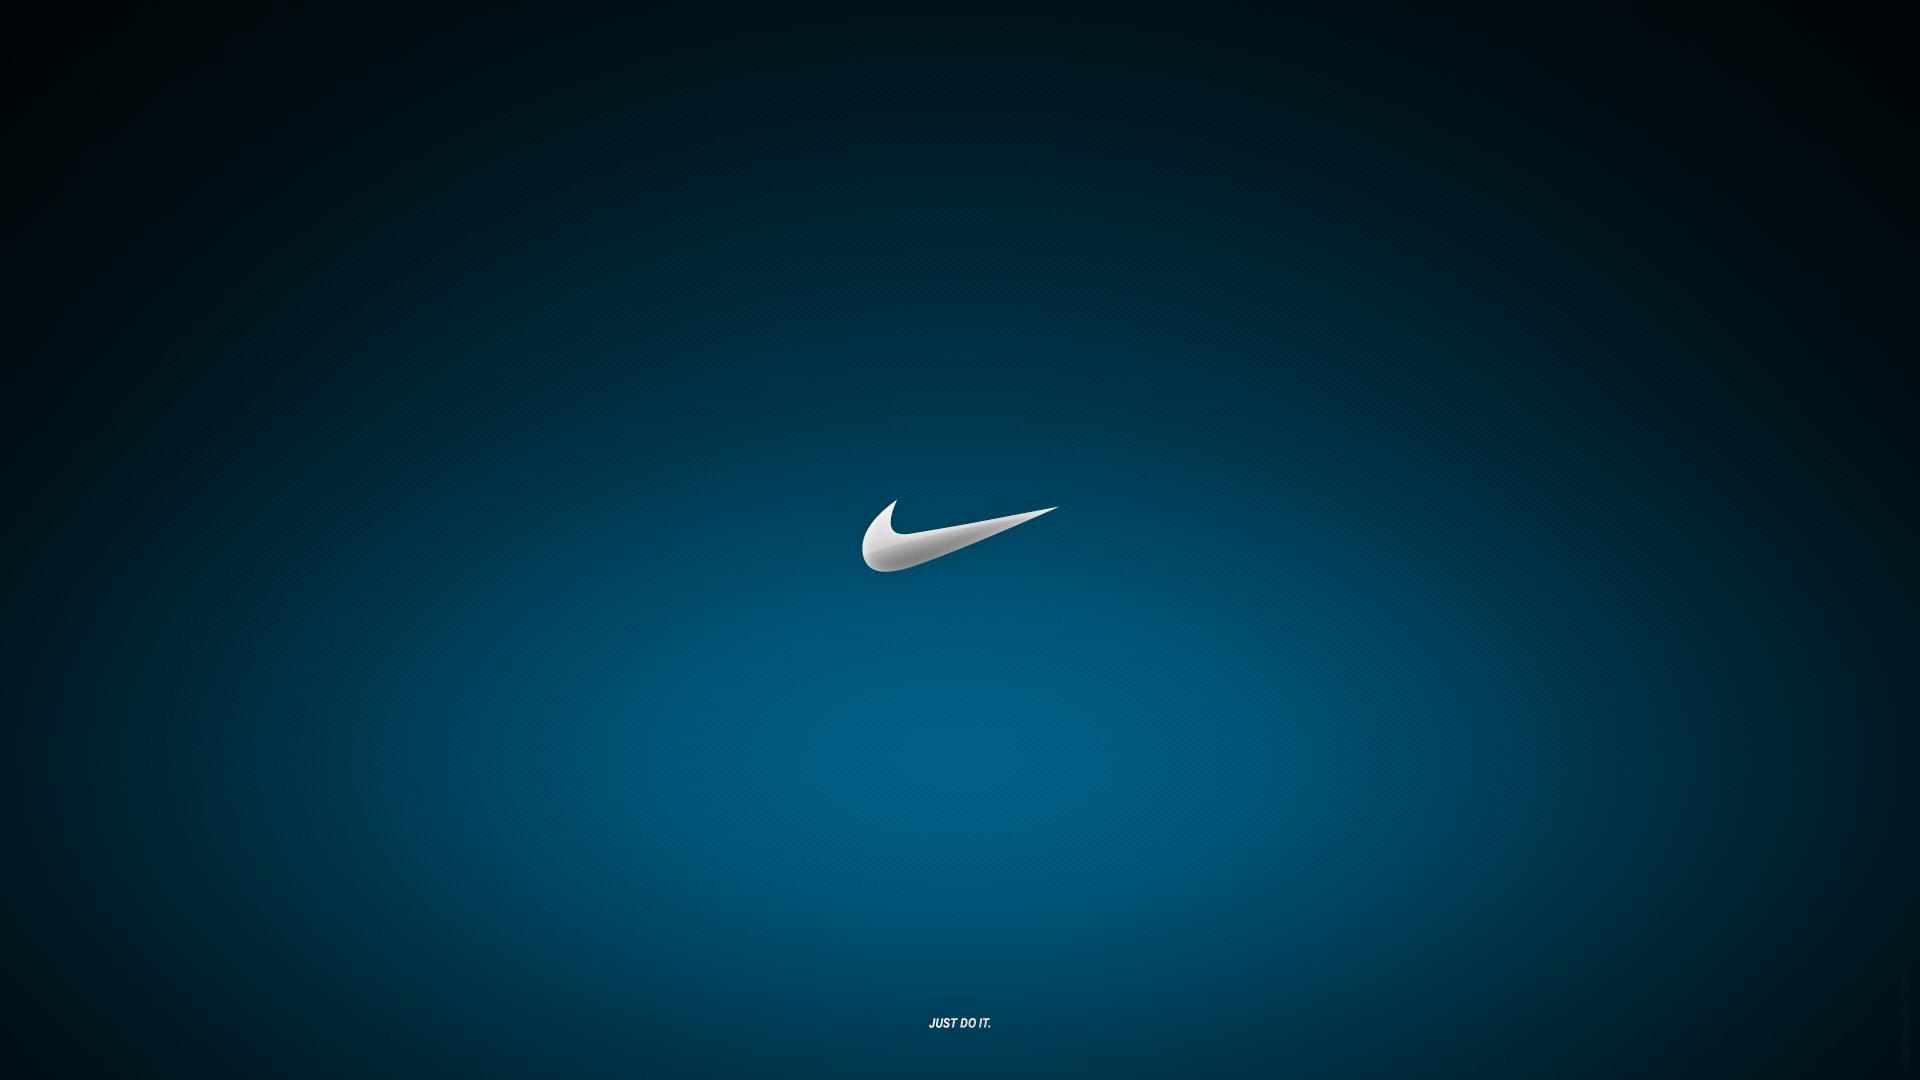 Logo nike wallpaper wallpapersafari - Nike Wallpaper Hd 1080p Imagebank Biz